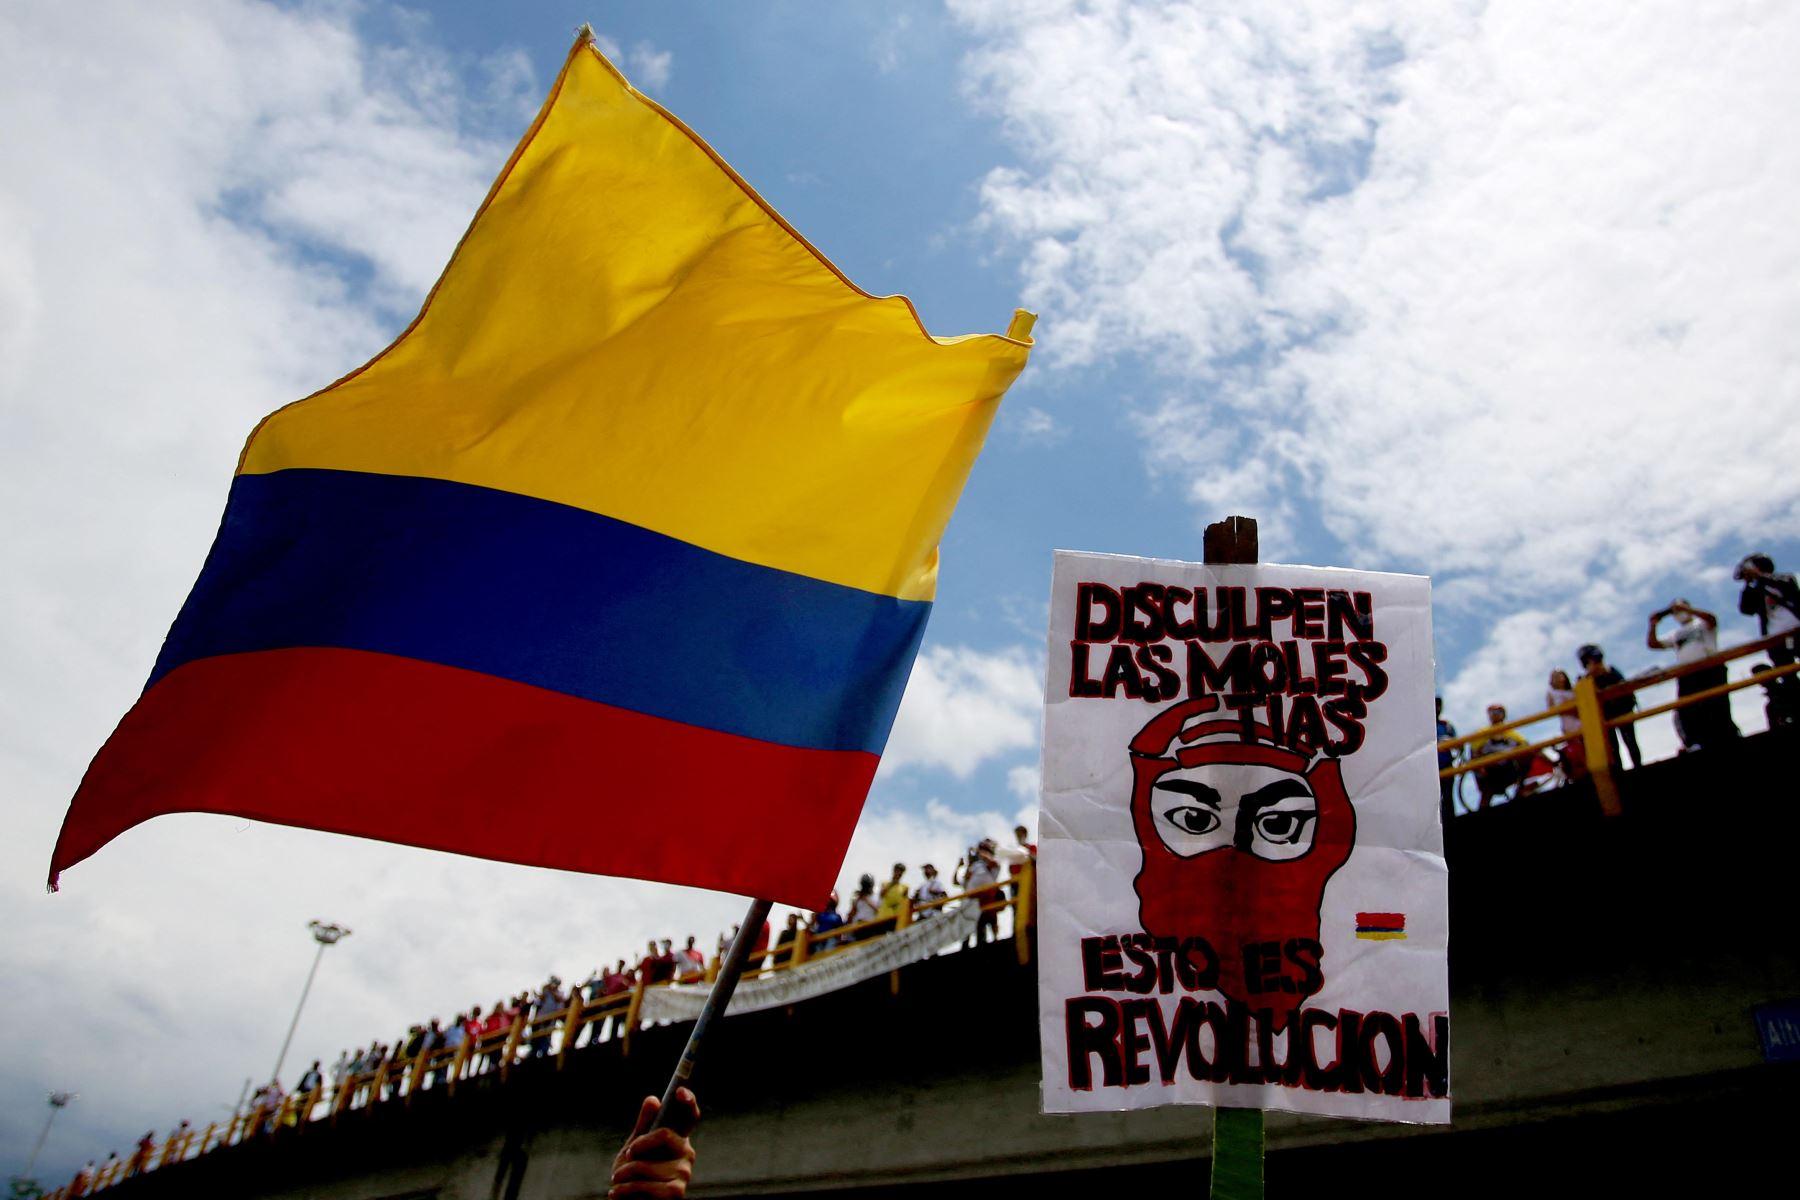 Las protestas, que comenzaron el 28 de abril contra la ya extinta reforma fiscal, se han cobrado 42 víctimas mortales (41 civiles y un policía). Foto: AFP